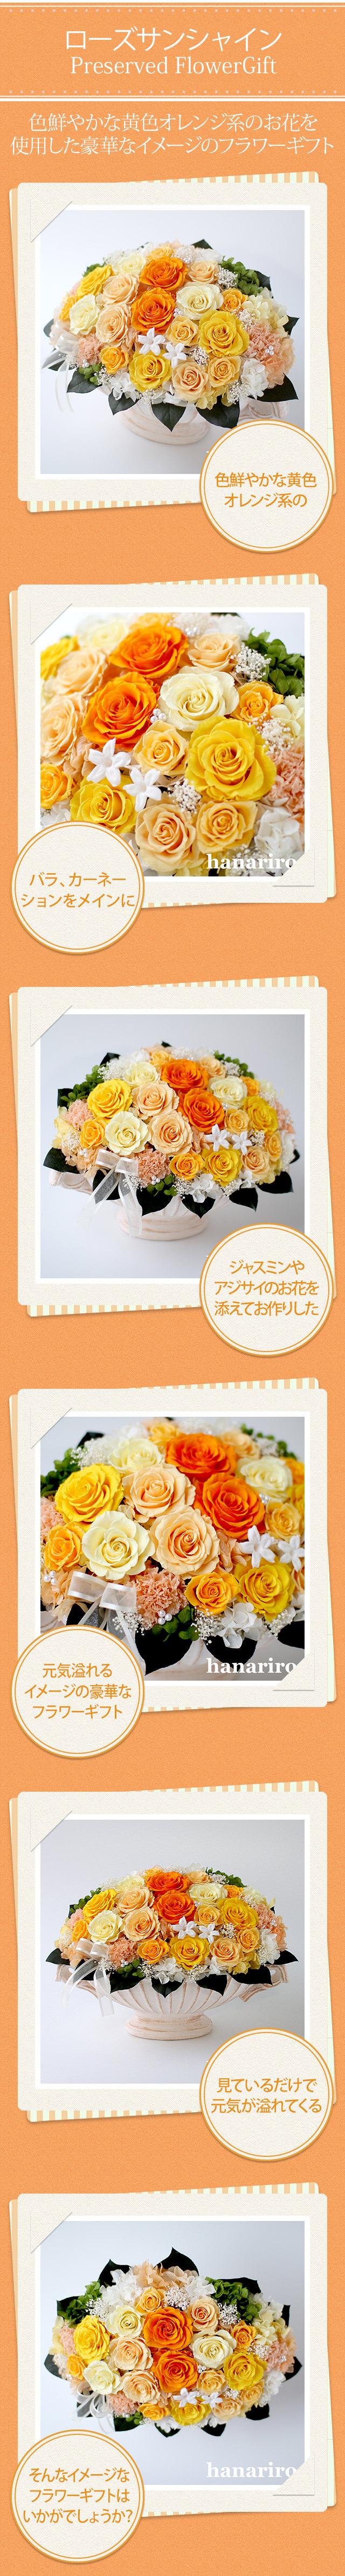 アレンジ「ローズサンシャイン」/プリザーブドフラワーギフト